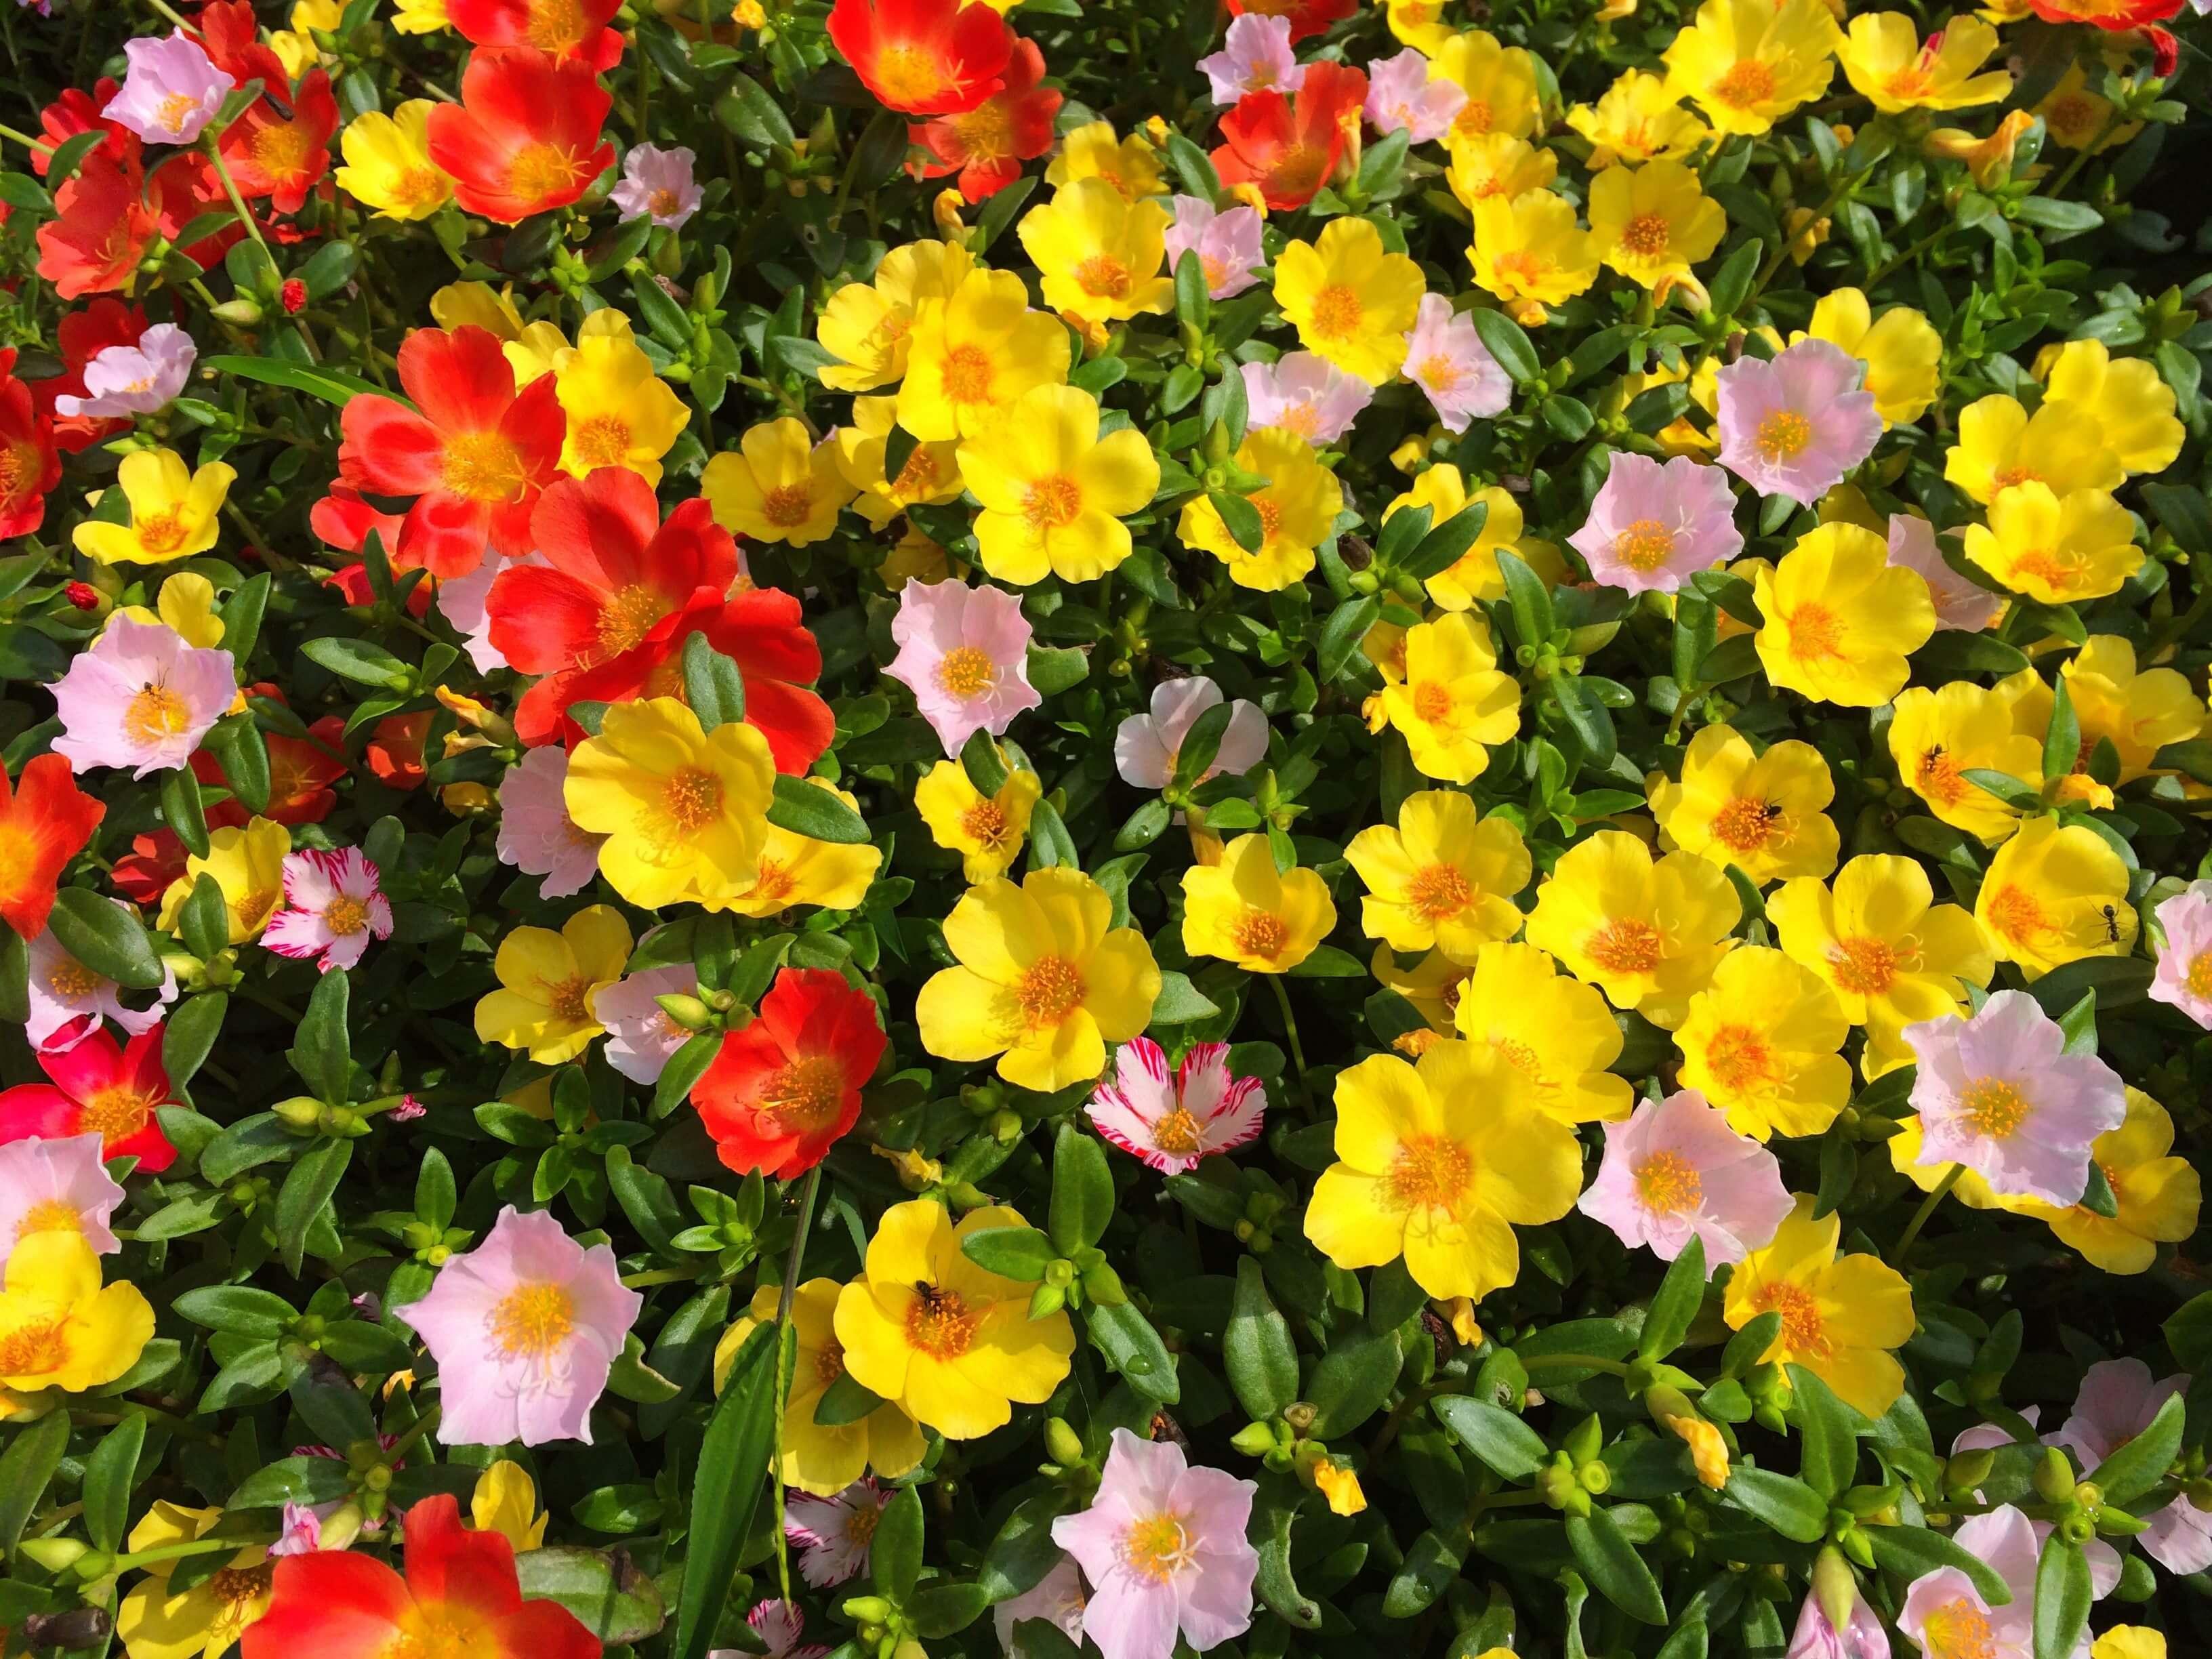 Piante Grasse Con Fiori Gialli.Portulaca Coltivazione Della Pianta Grassa Piu Colorata Vivaio